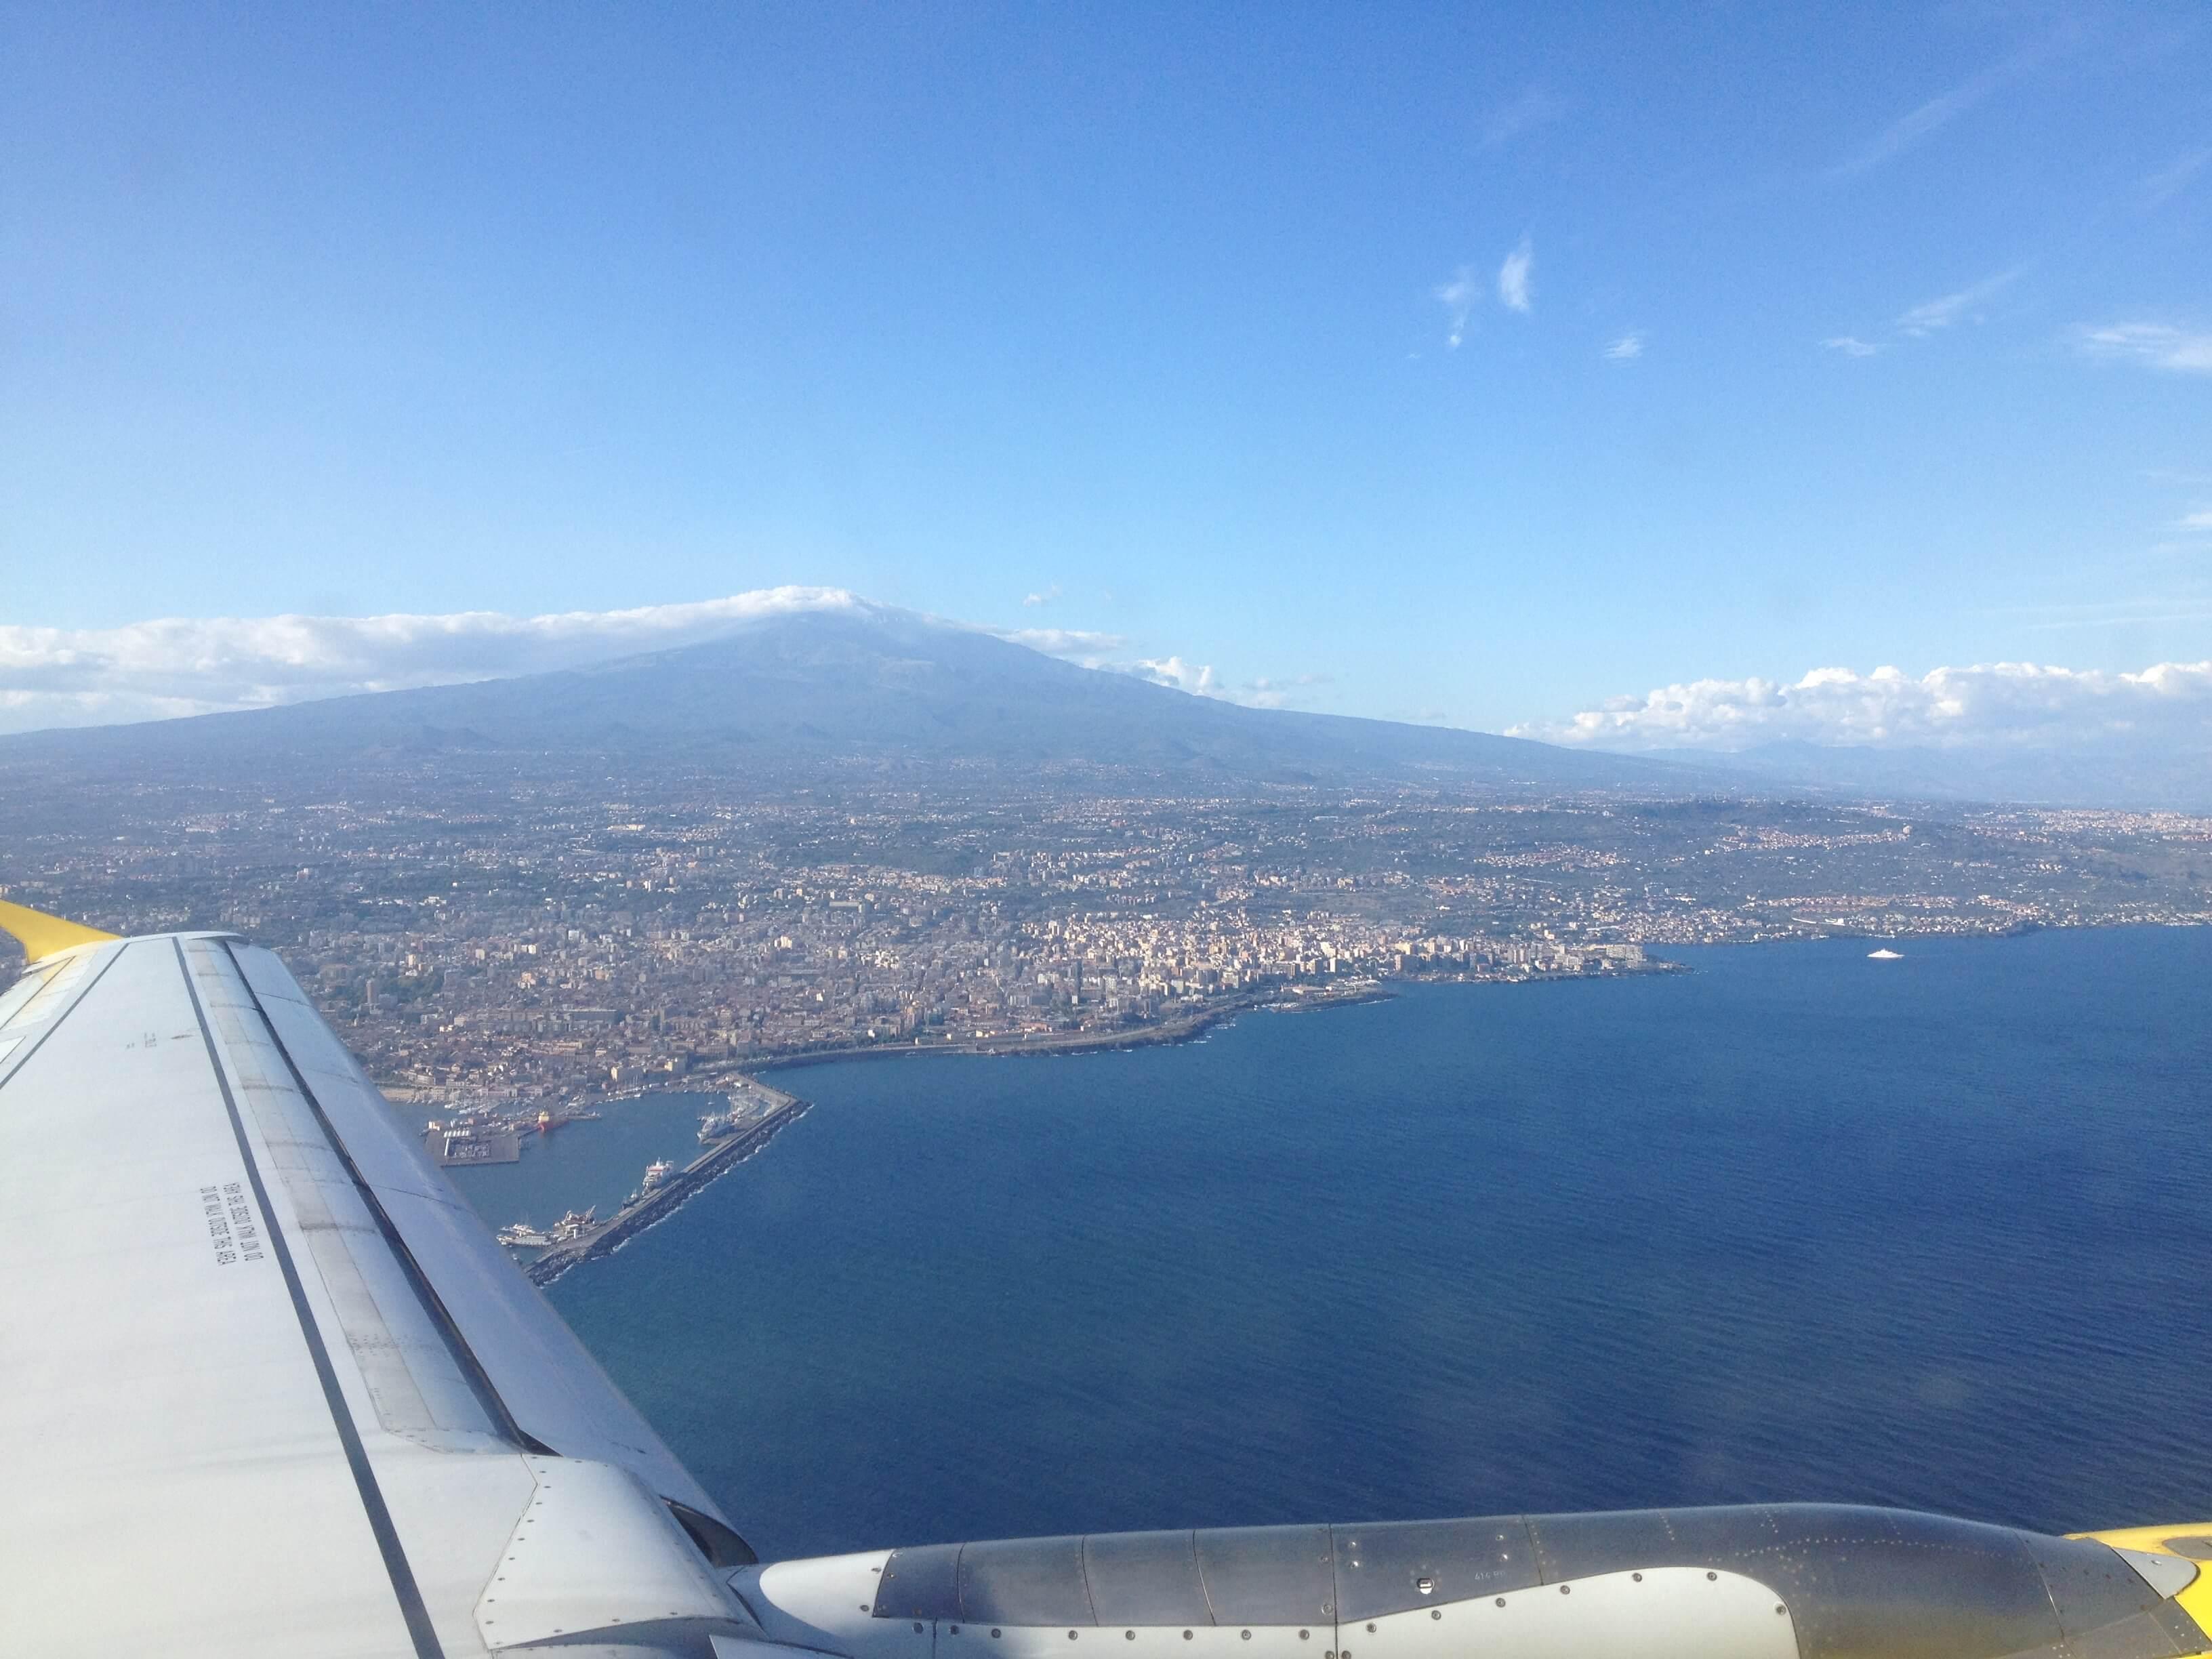 Un weekend a Catania con i consigli del B&B Globetrotter